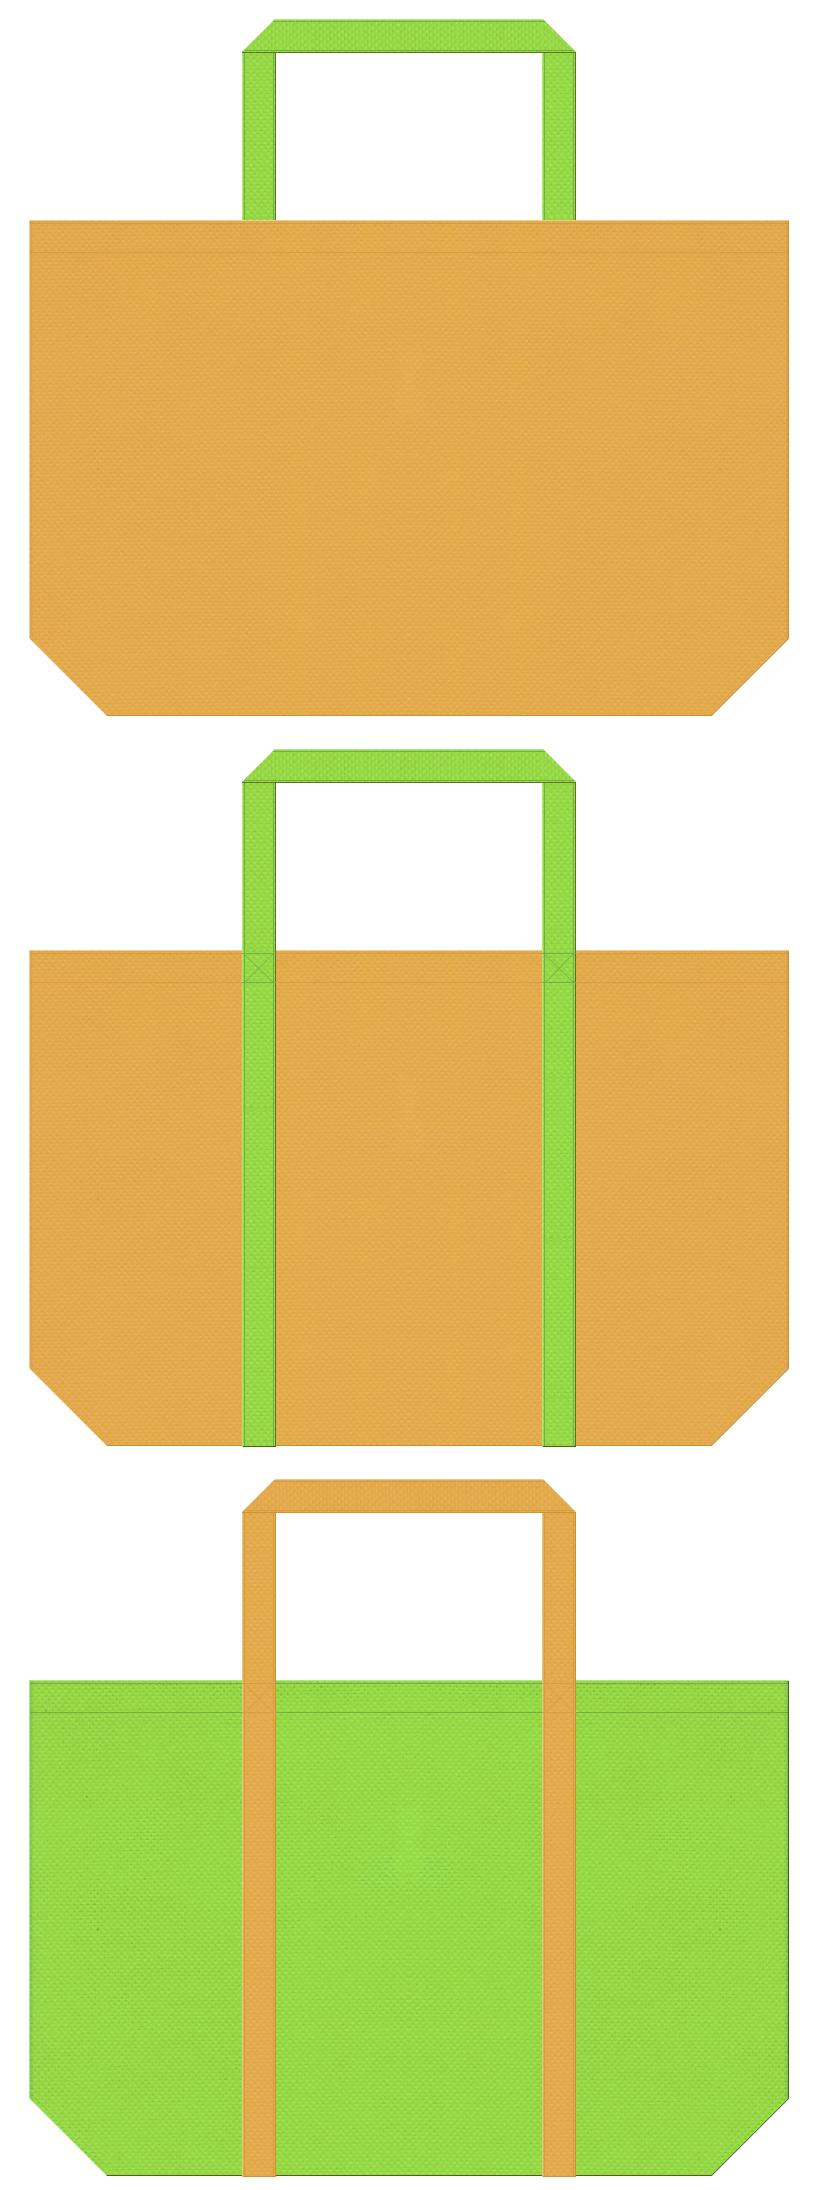 酪農・牧場・農業・種苗・肥料・野菜・産直市場のショッピングバッグにお奨めの不織布バッグデザイン:黄土色と黄緑色のコーデ